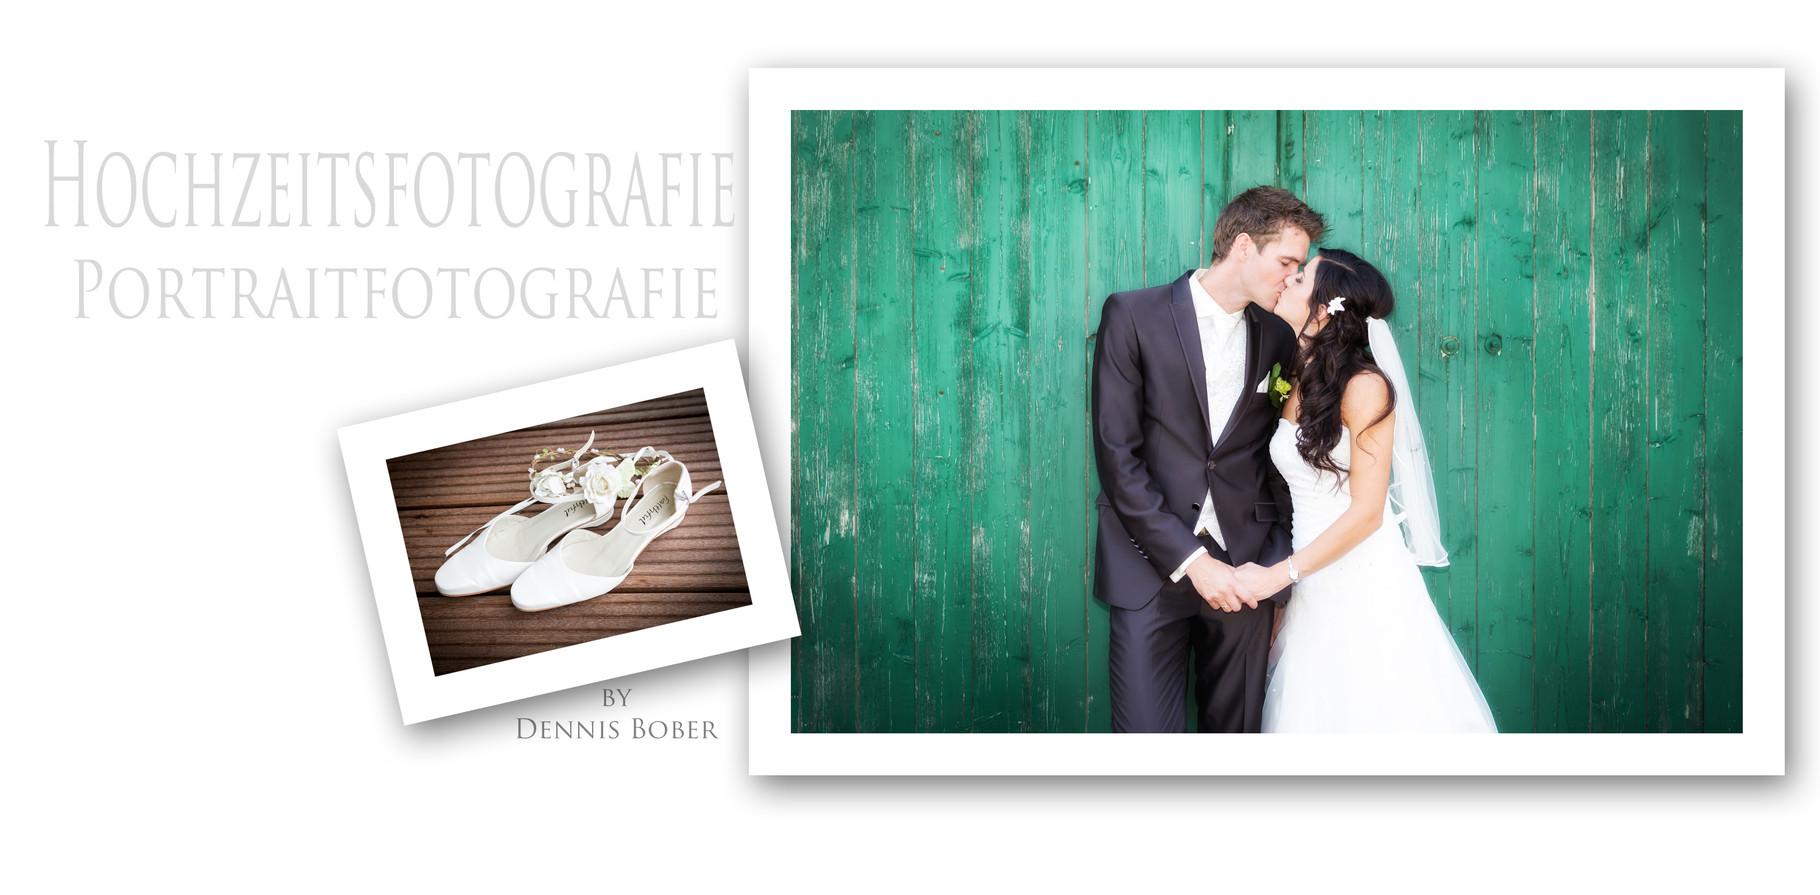 Hochzeitsfotograf Preise Lubeck Hamburg Hochzeitsfotografie